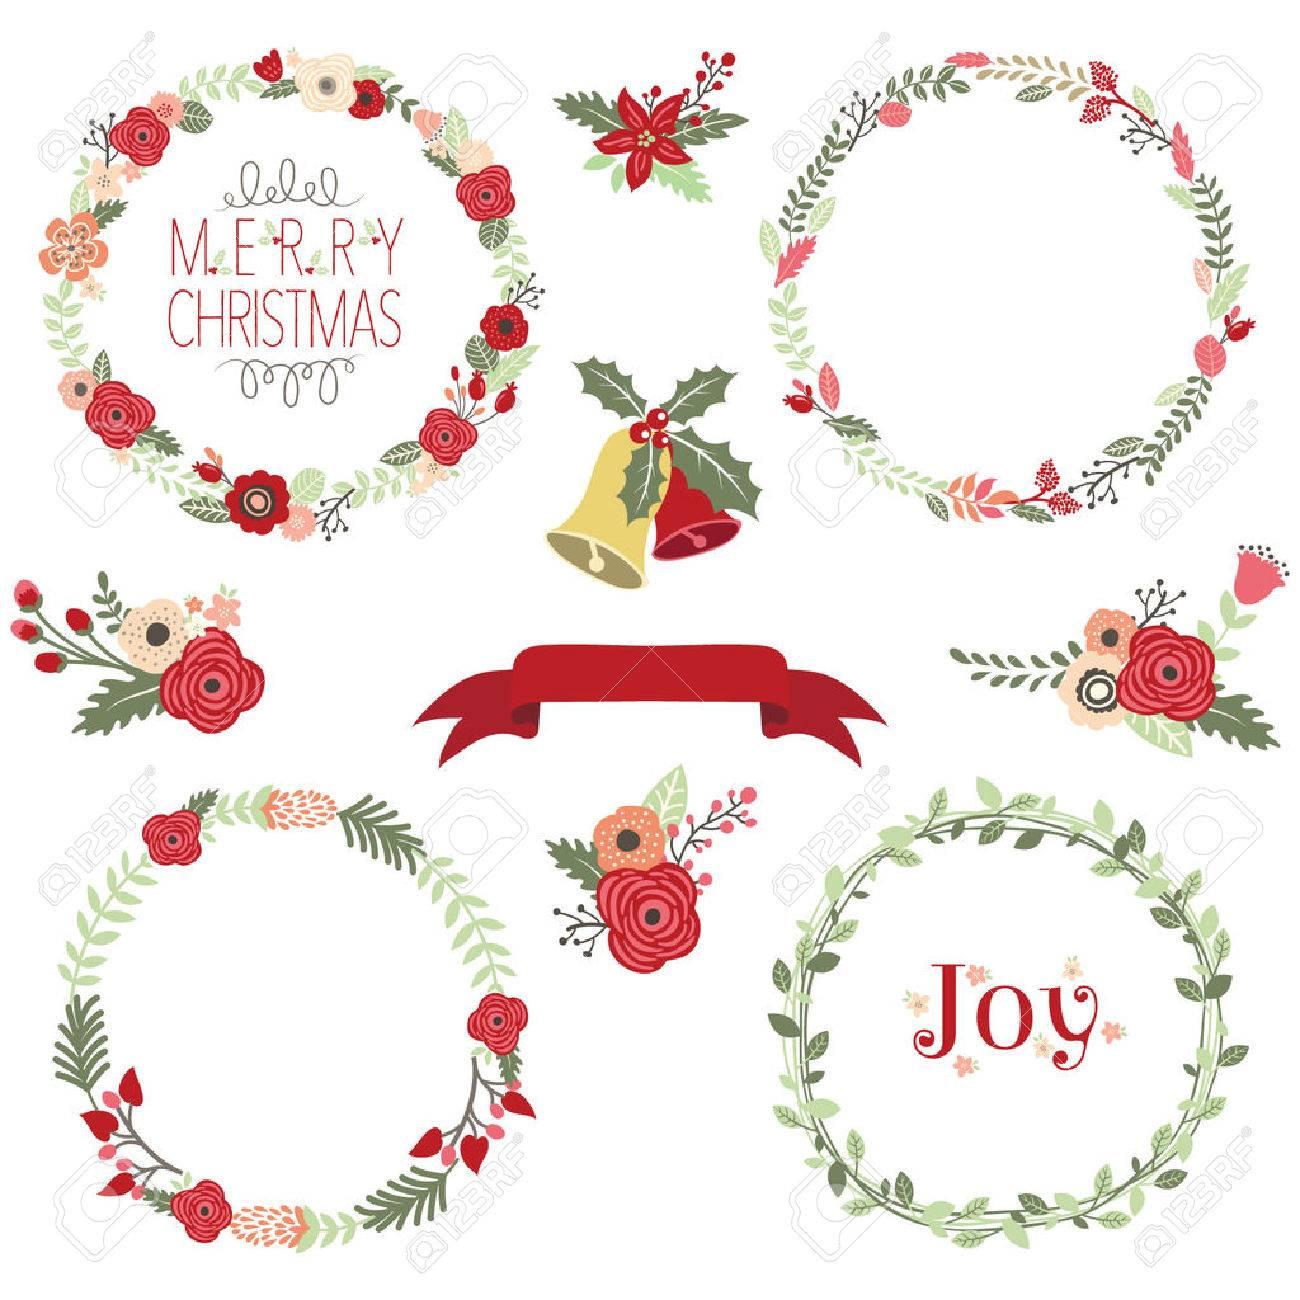 Christmas Wreath Clip Art.